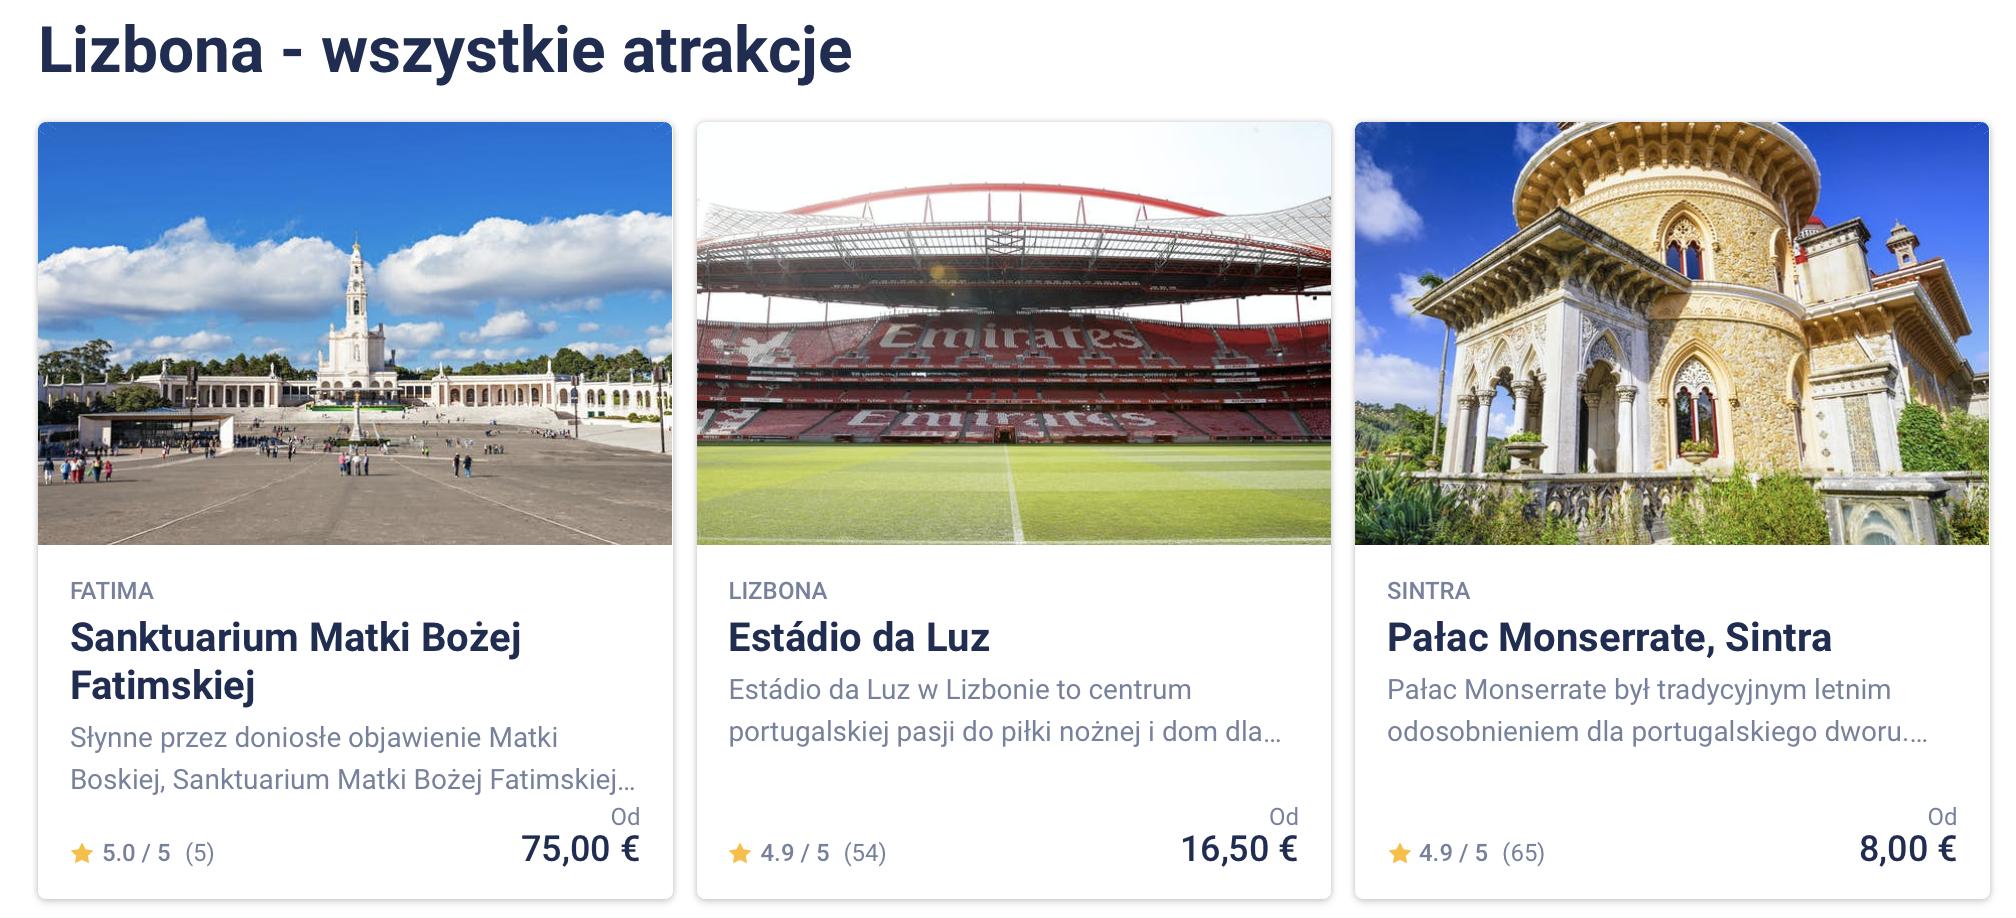 Lizbona Mapa Turystyczna Restauracje Zabytki Atrakcje Turystyczne Bilety Online Polski Przewodnik po Lizbonie Wejściówki Online Jak Kupić Gdzie jeść